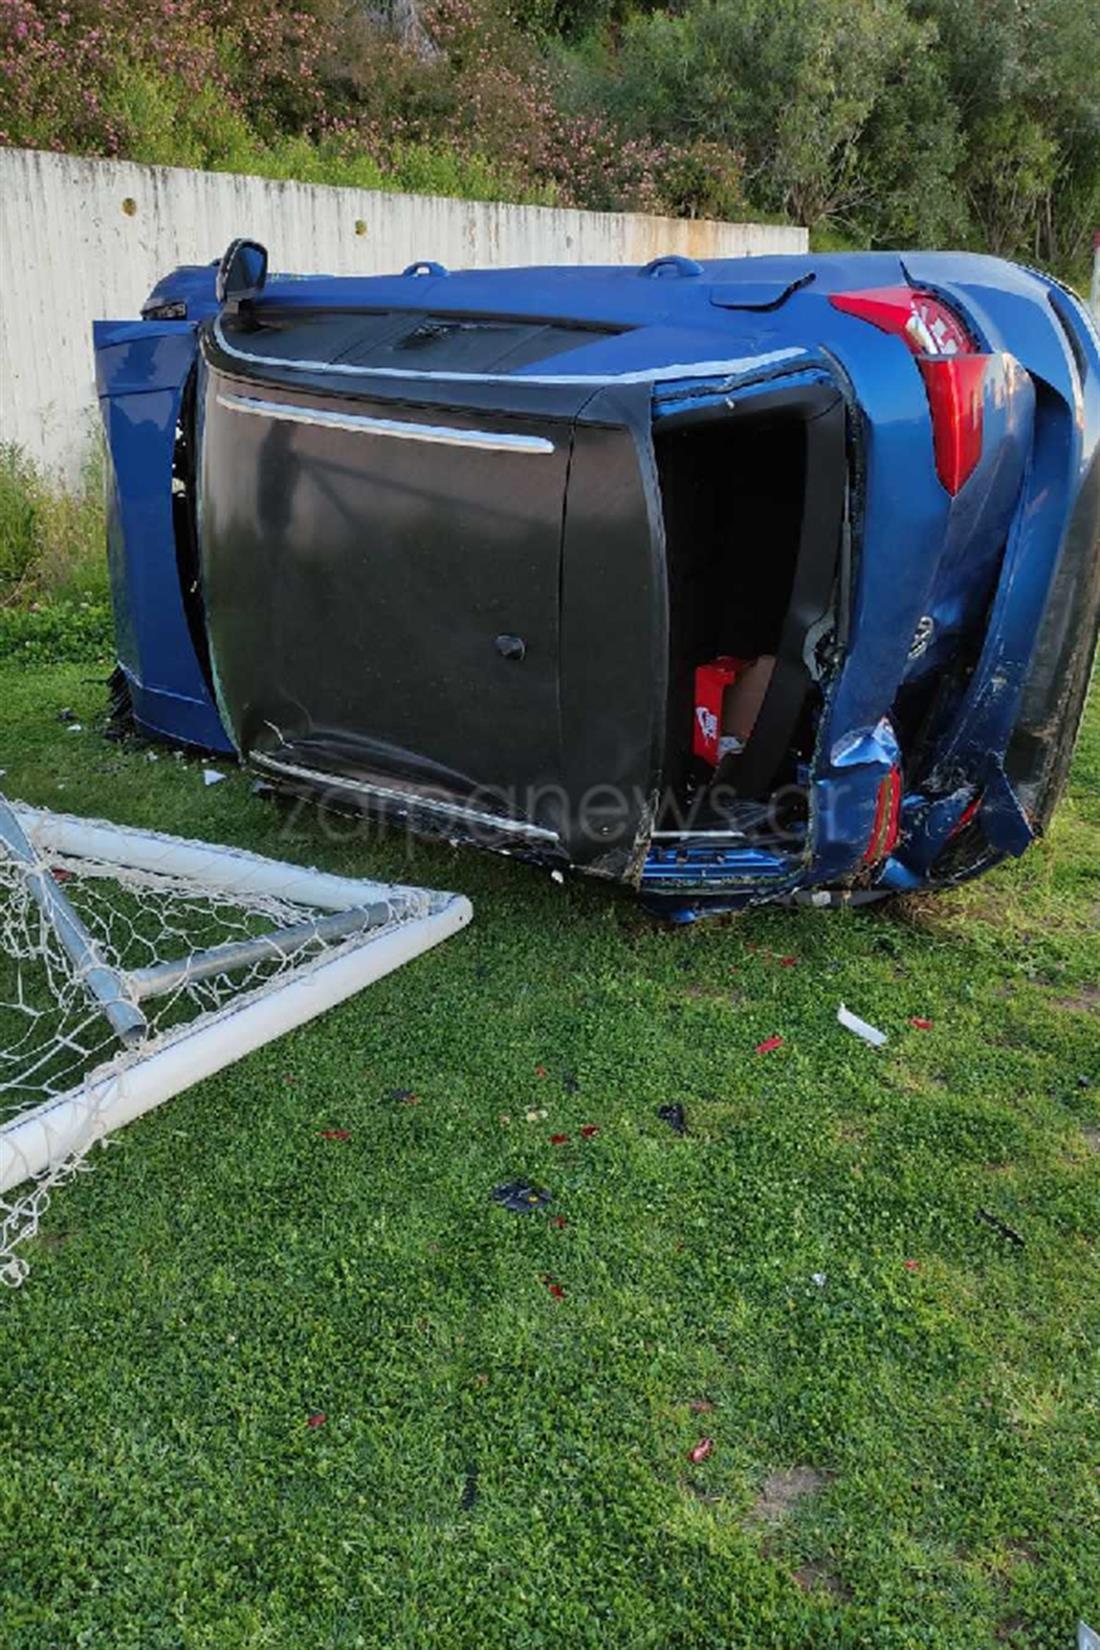 Χανιά - ατύχημα - αυτοκίνητο - γήπεδο Μοναχής Ελιάς